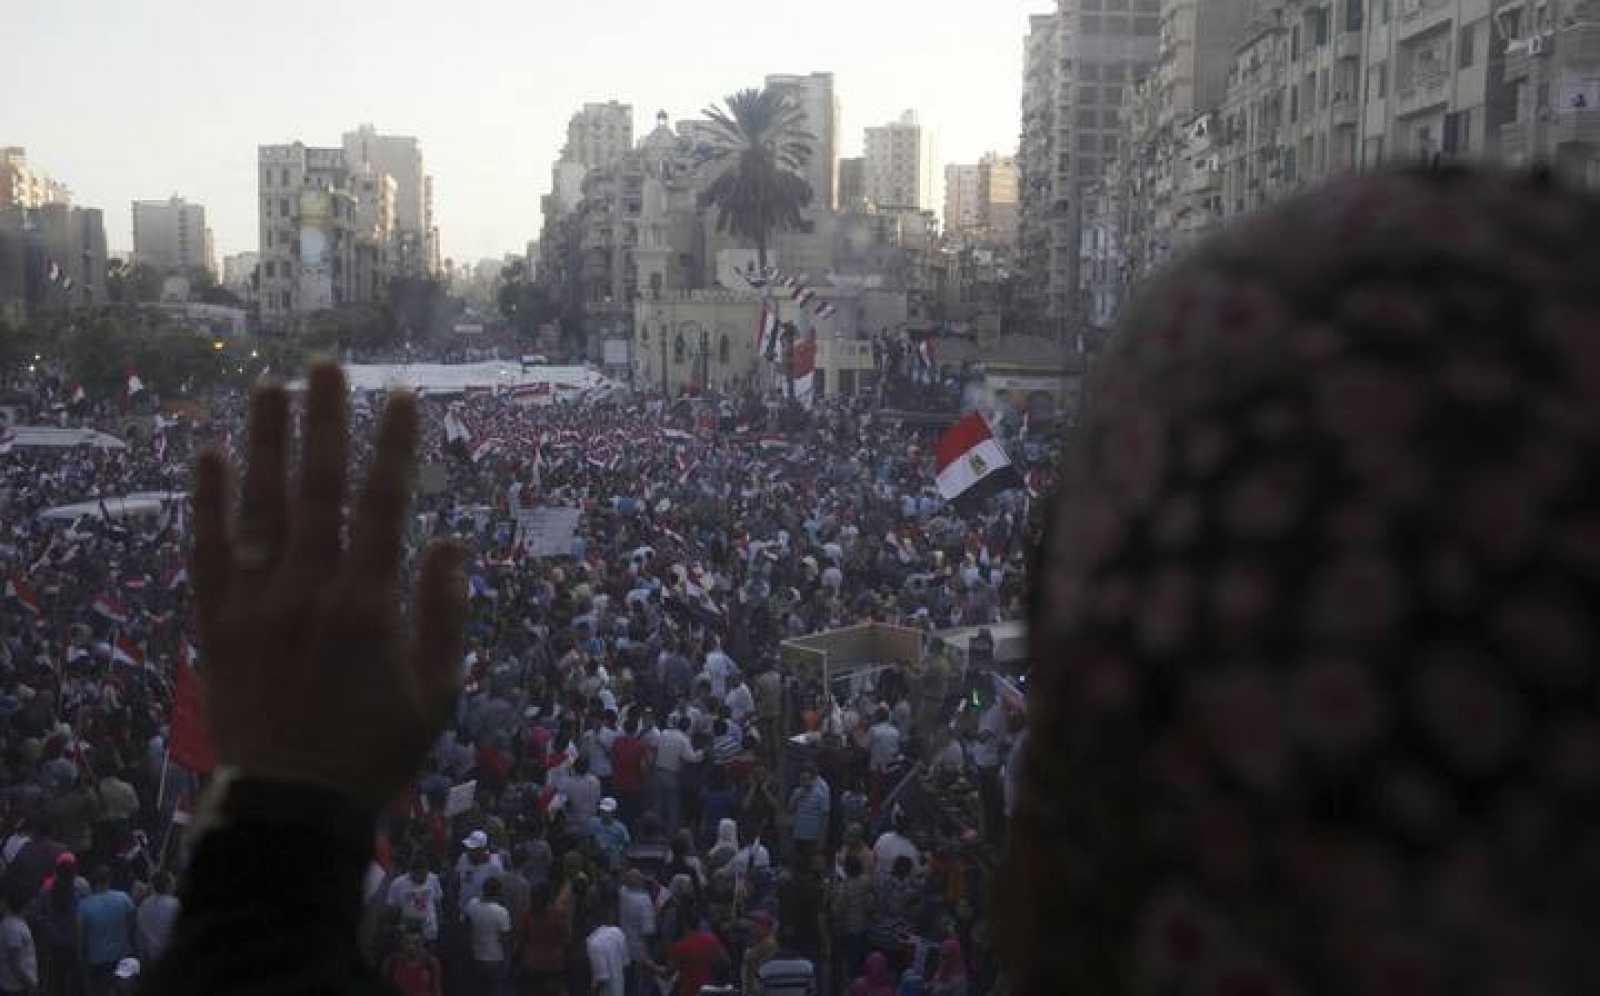 Imagen de las protestas contra Morsi en Alejandría, Egipto, el 1 de julio